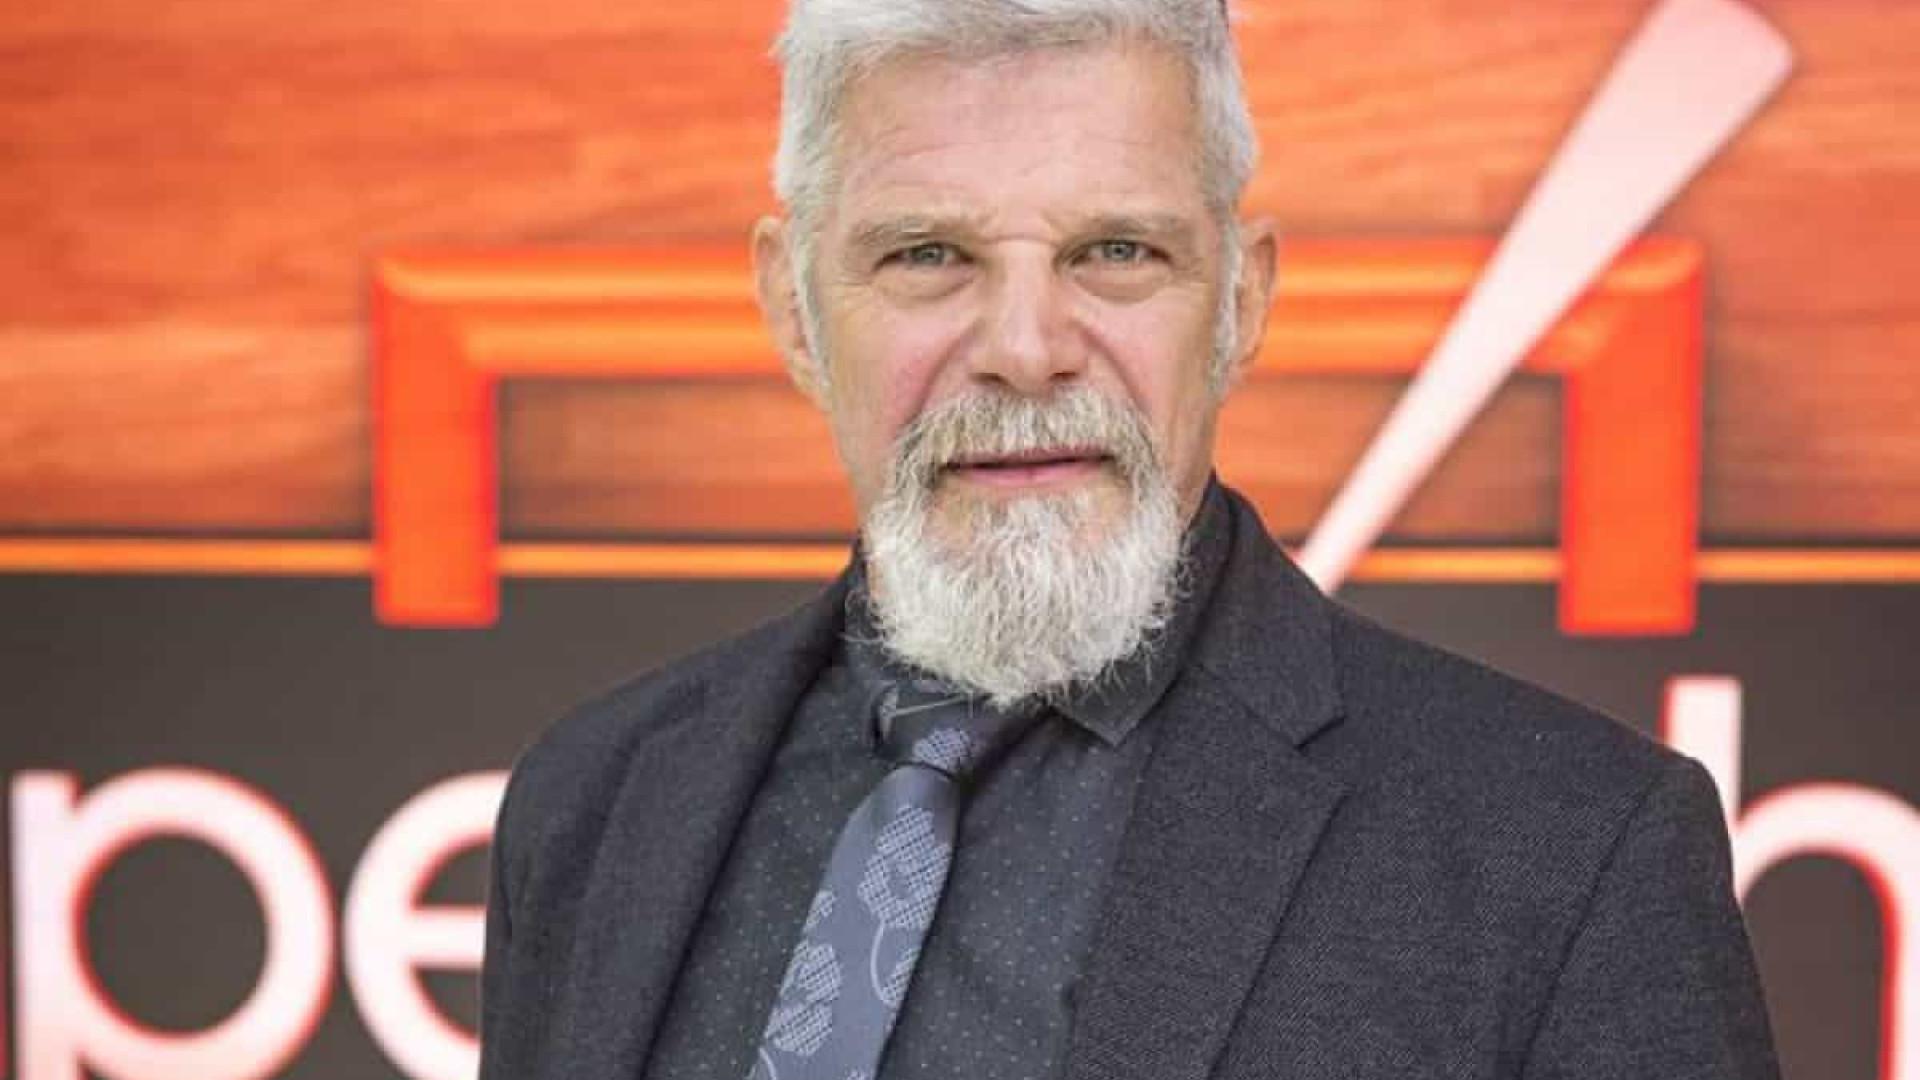 Raul Gazolla diz que se revoltou após ter sofrido quatro infartos